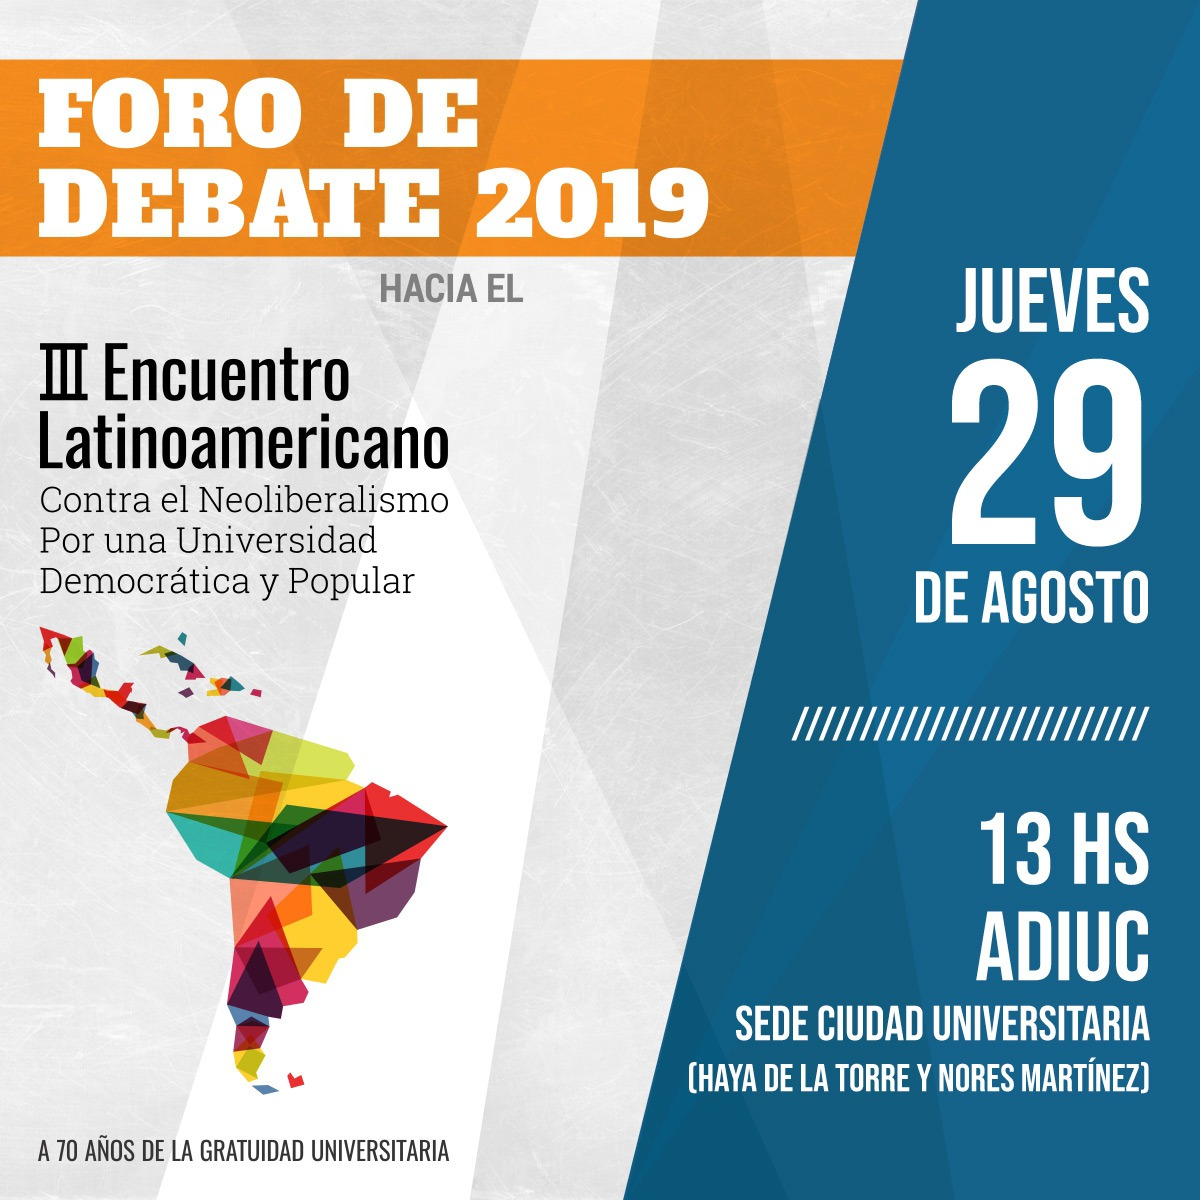 FORO DE DEBATE 2019. Hacia el III Encuentro Latinoamericano contra el Neoliberalismo. Por una Universidad Democrática, Popular y Feminista